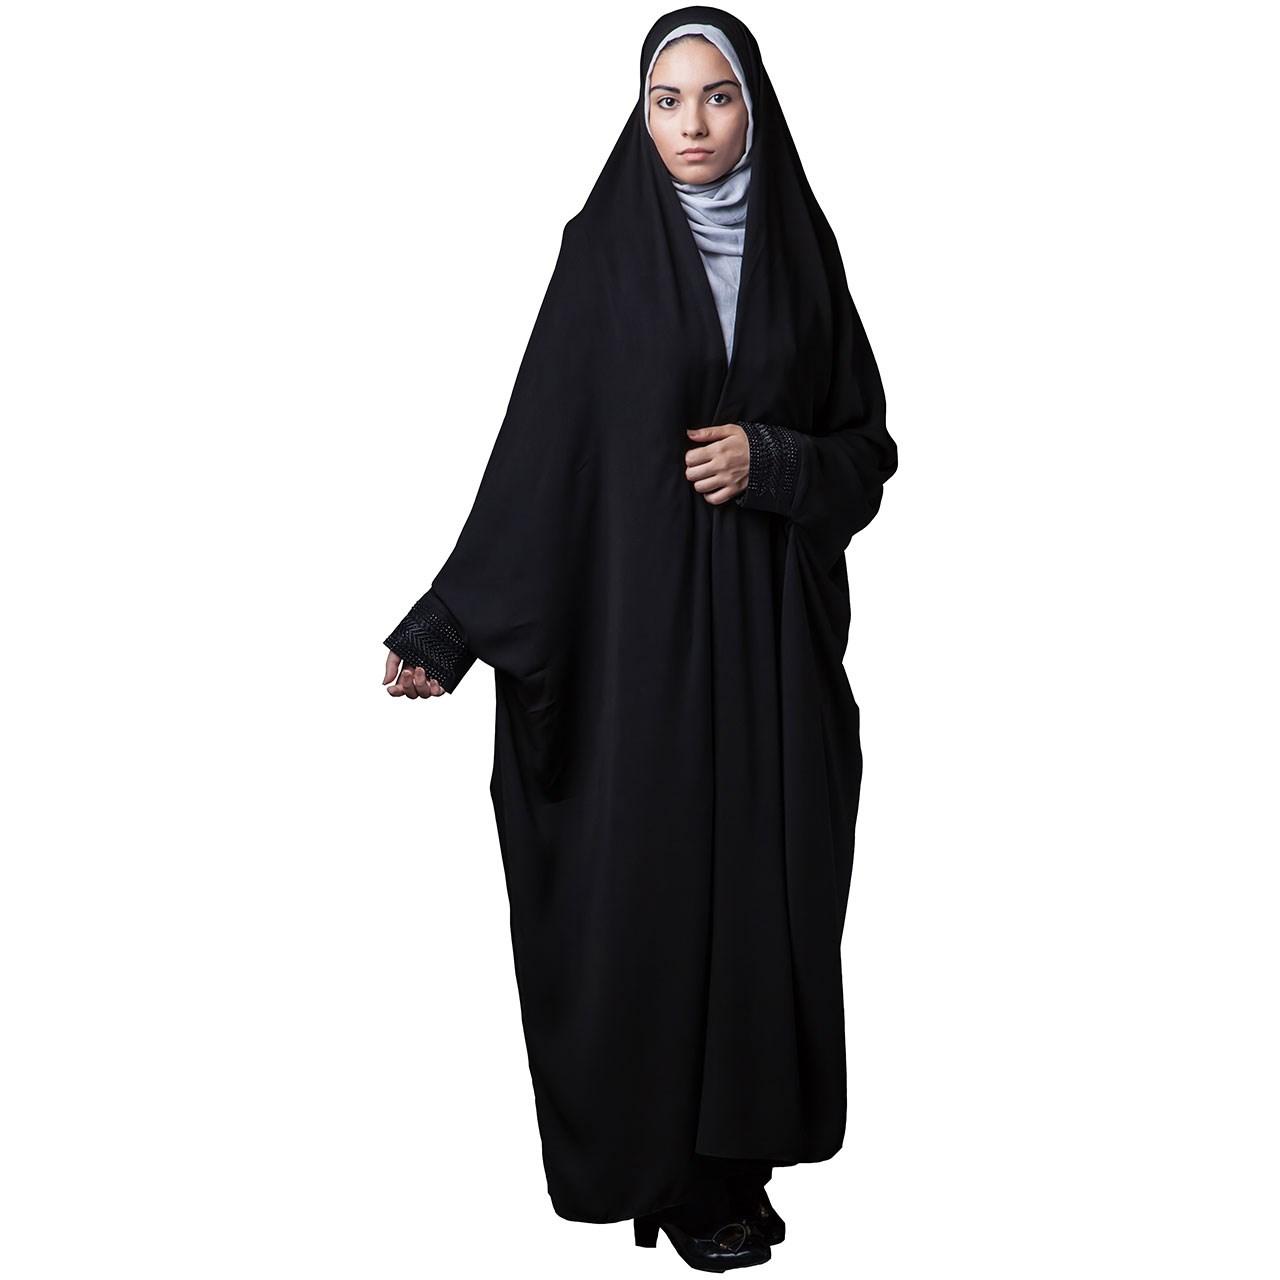 چادر دانشجویی مجلسی حجاب فاطمی مدل 201026